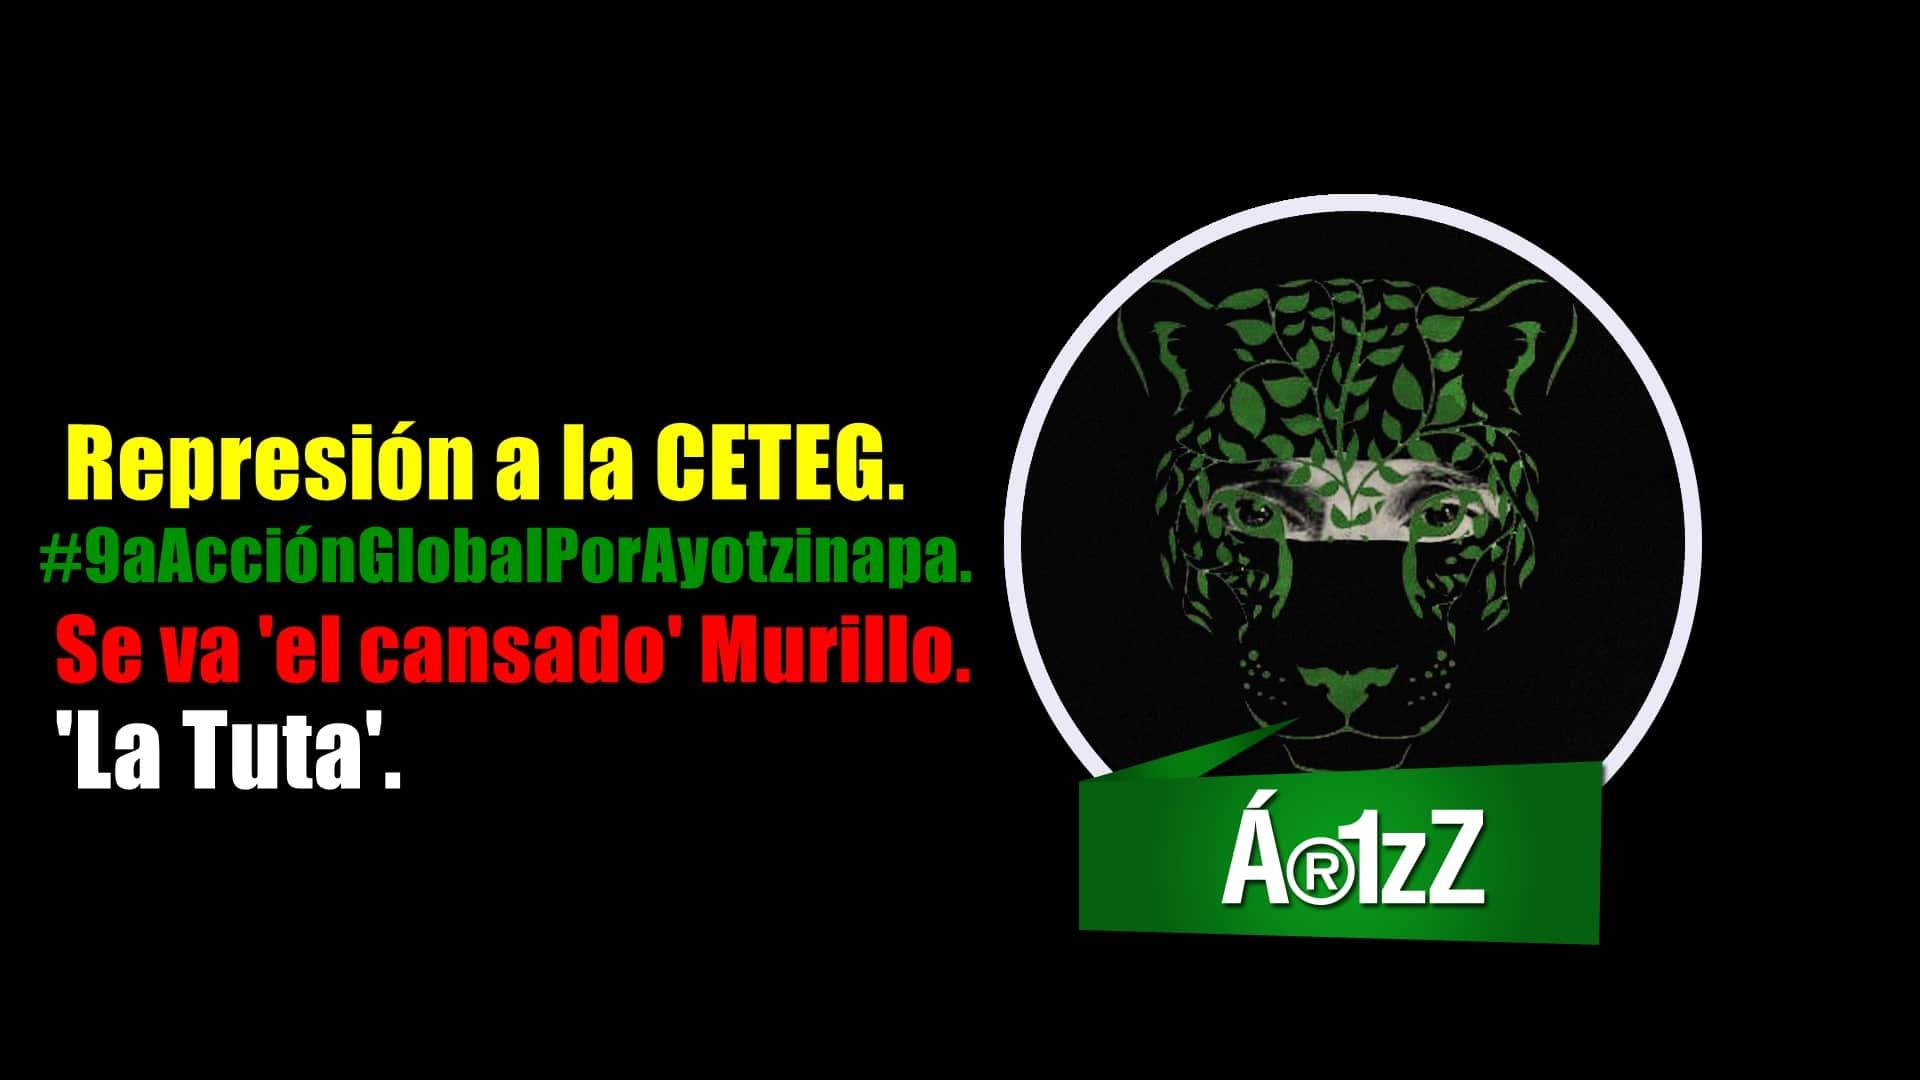 CETEG, #9aAcciónGlobalPorAyotzinapa, Murillo (a) 'el cansado' y La Tuta.